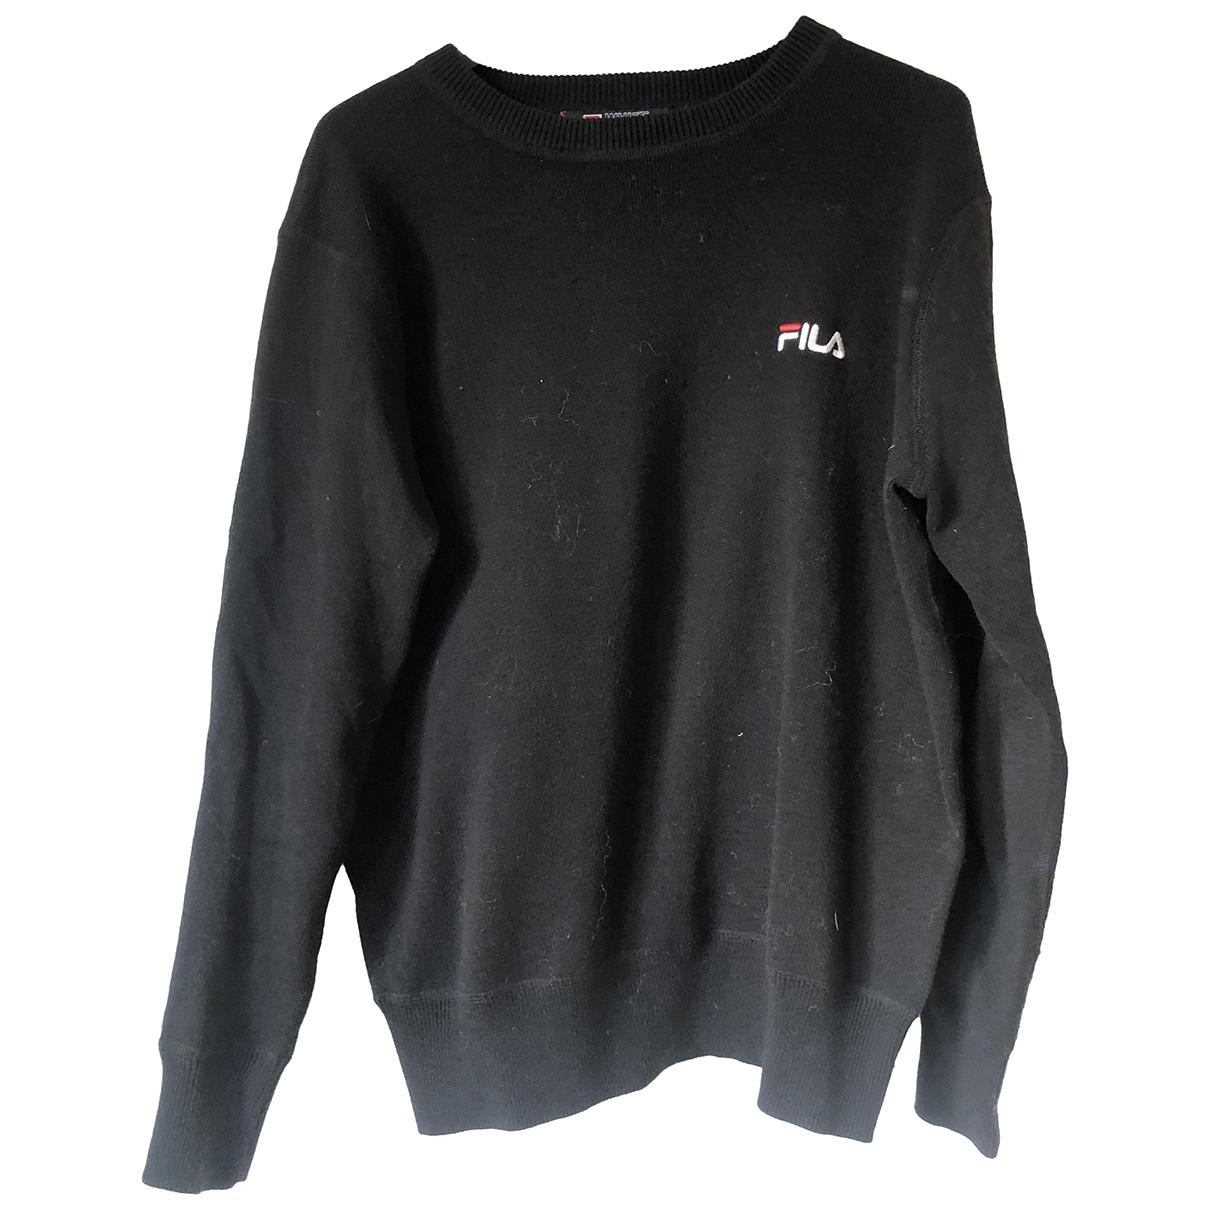 Fila - Pull   pour femme en coton - noir